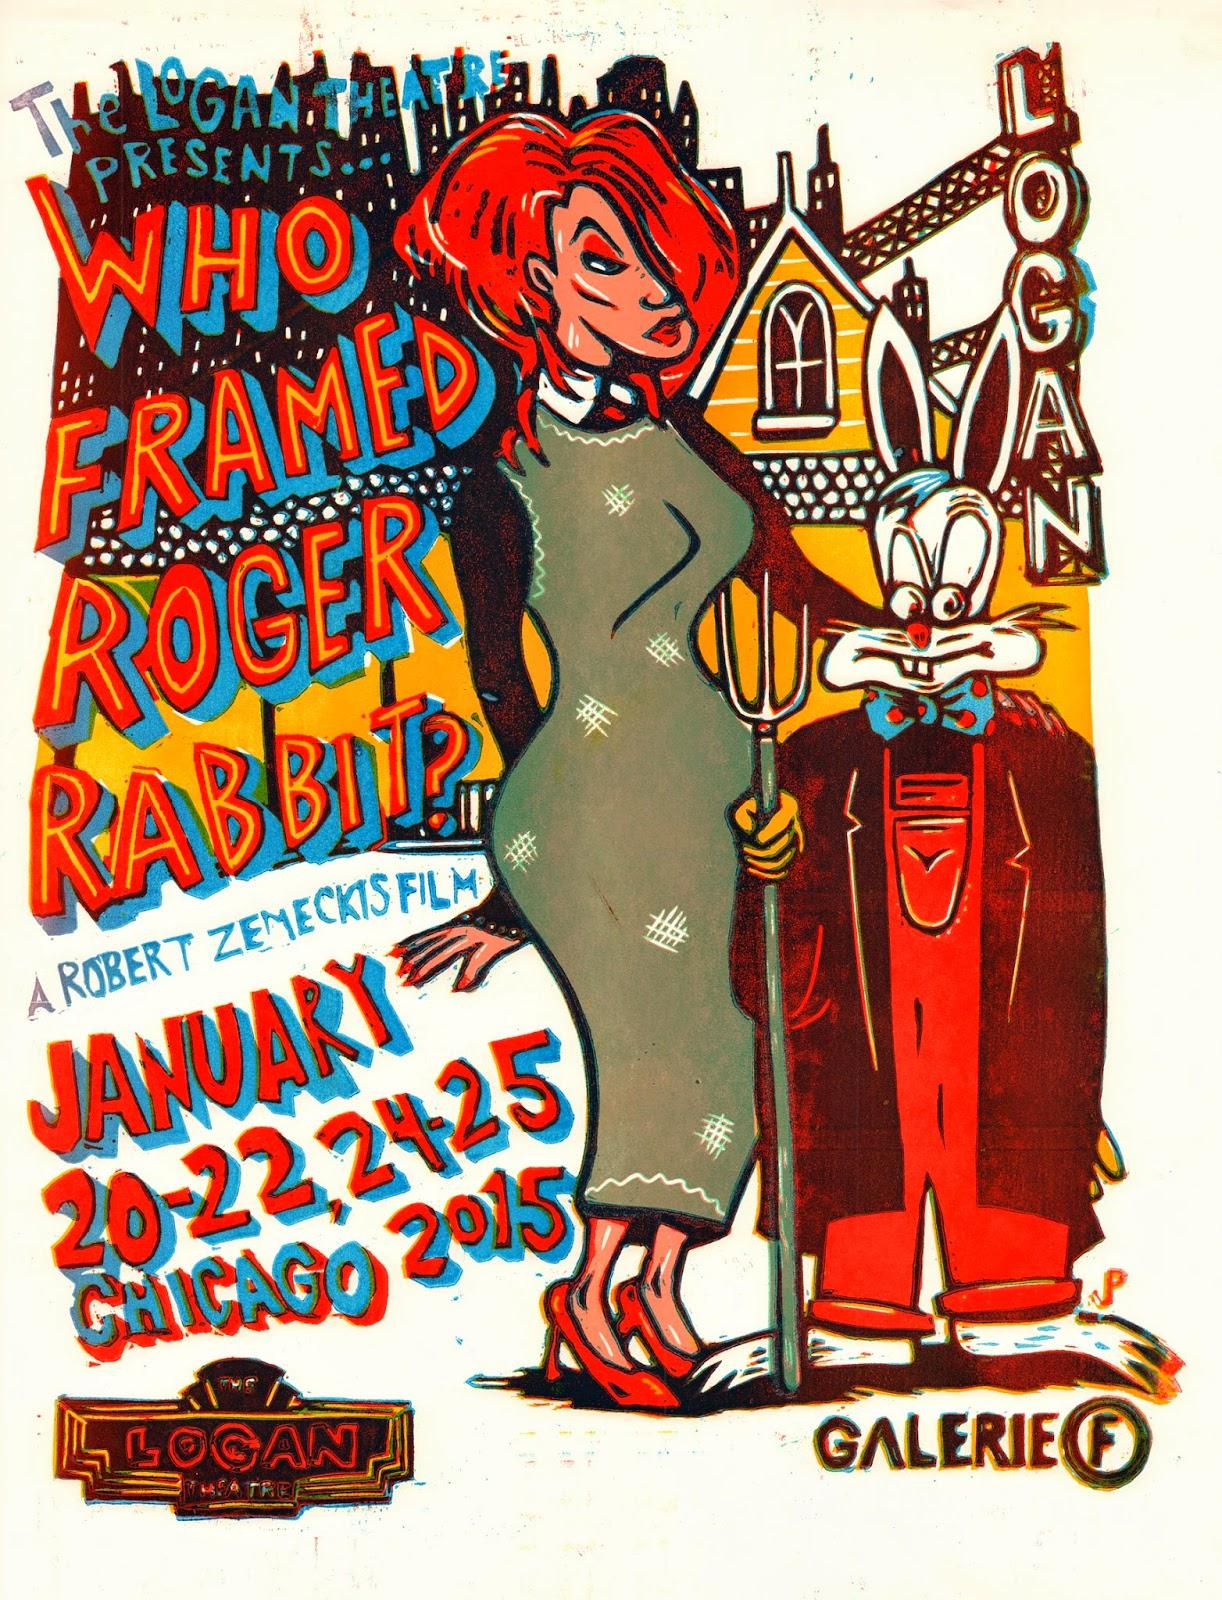 Jim-POLLOCK-Who-Framed-Roger-Rabbit-Poster